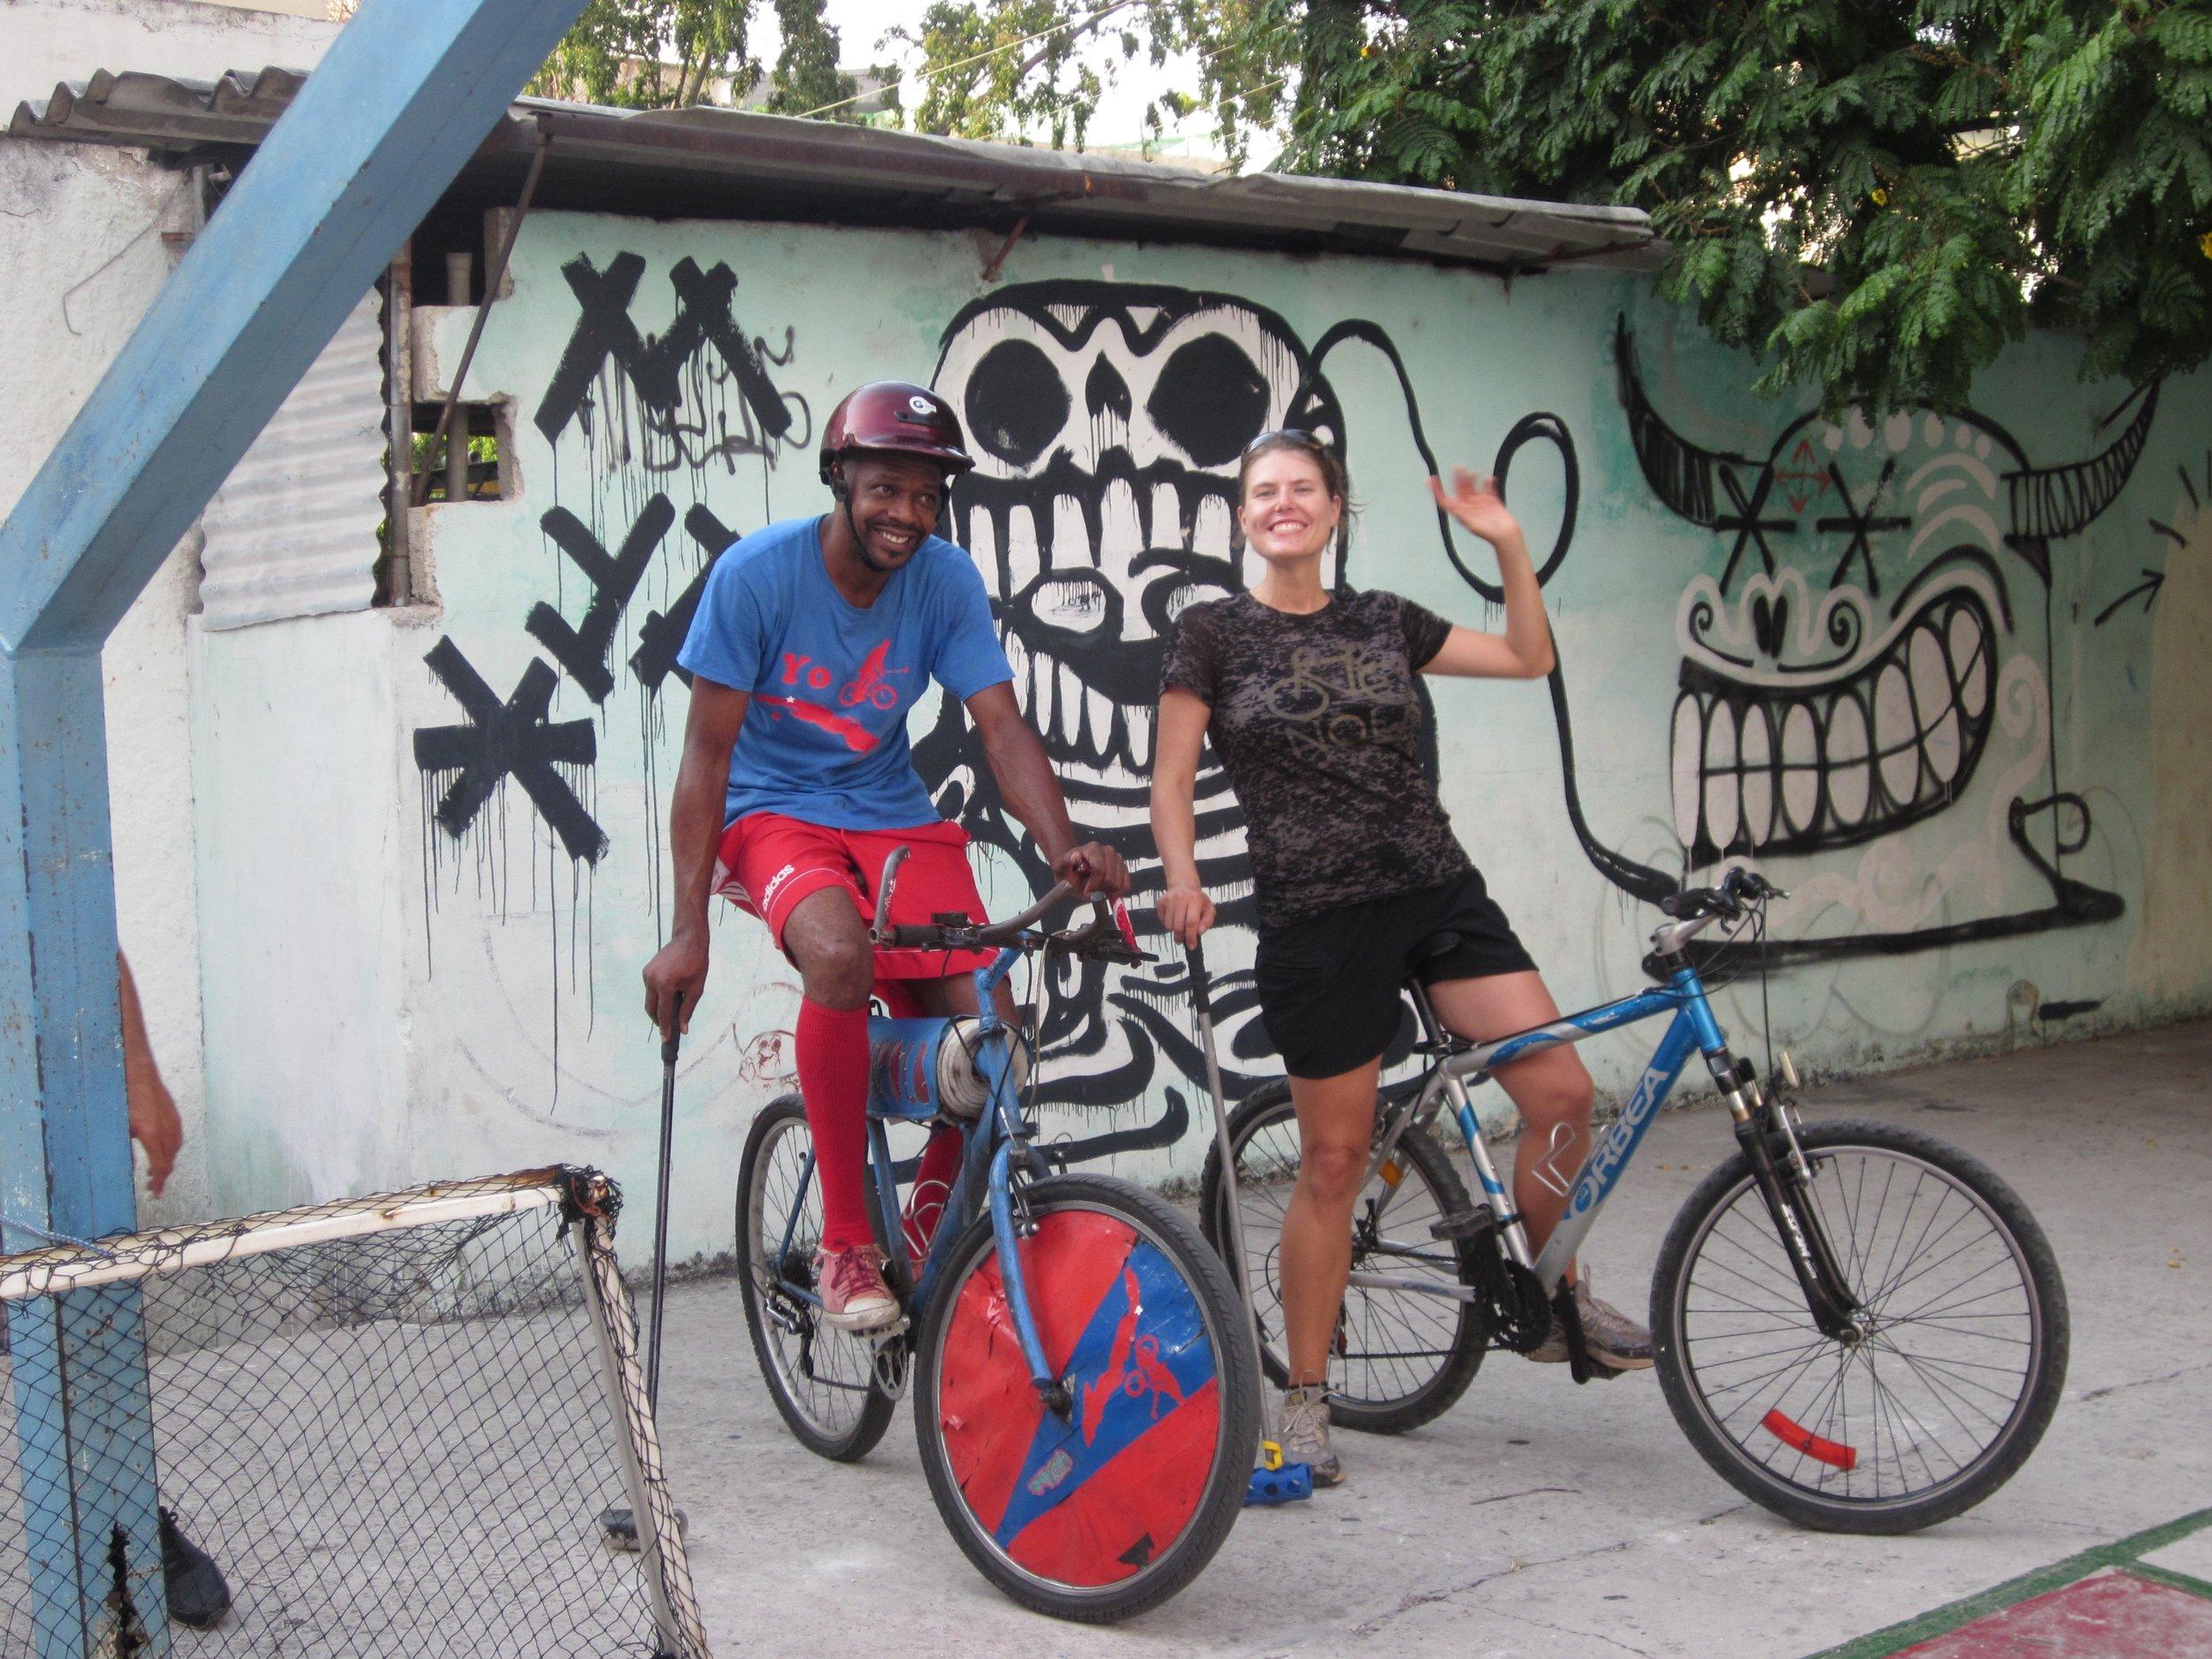 Ready for bike polo in Havana